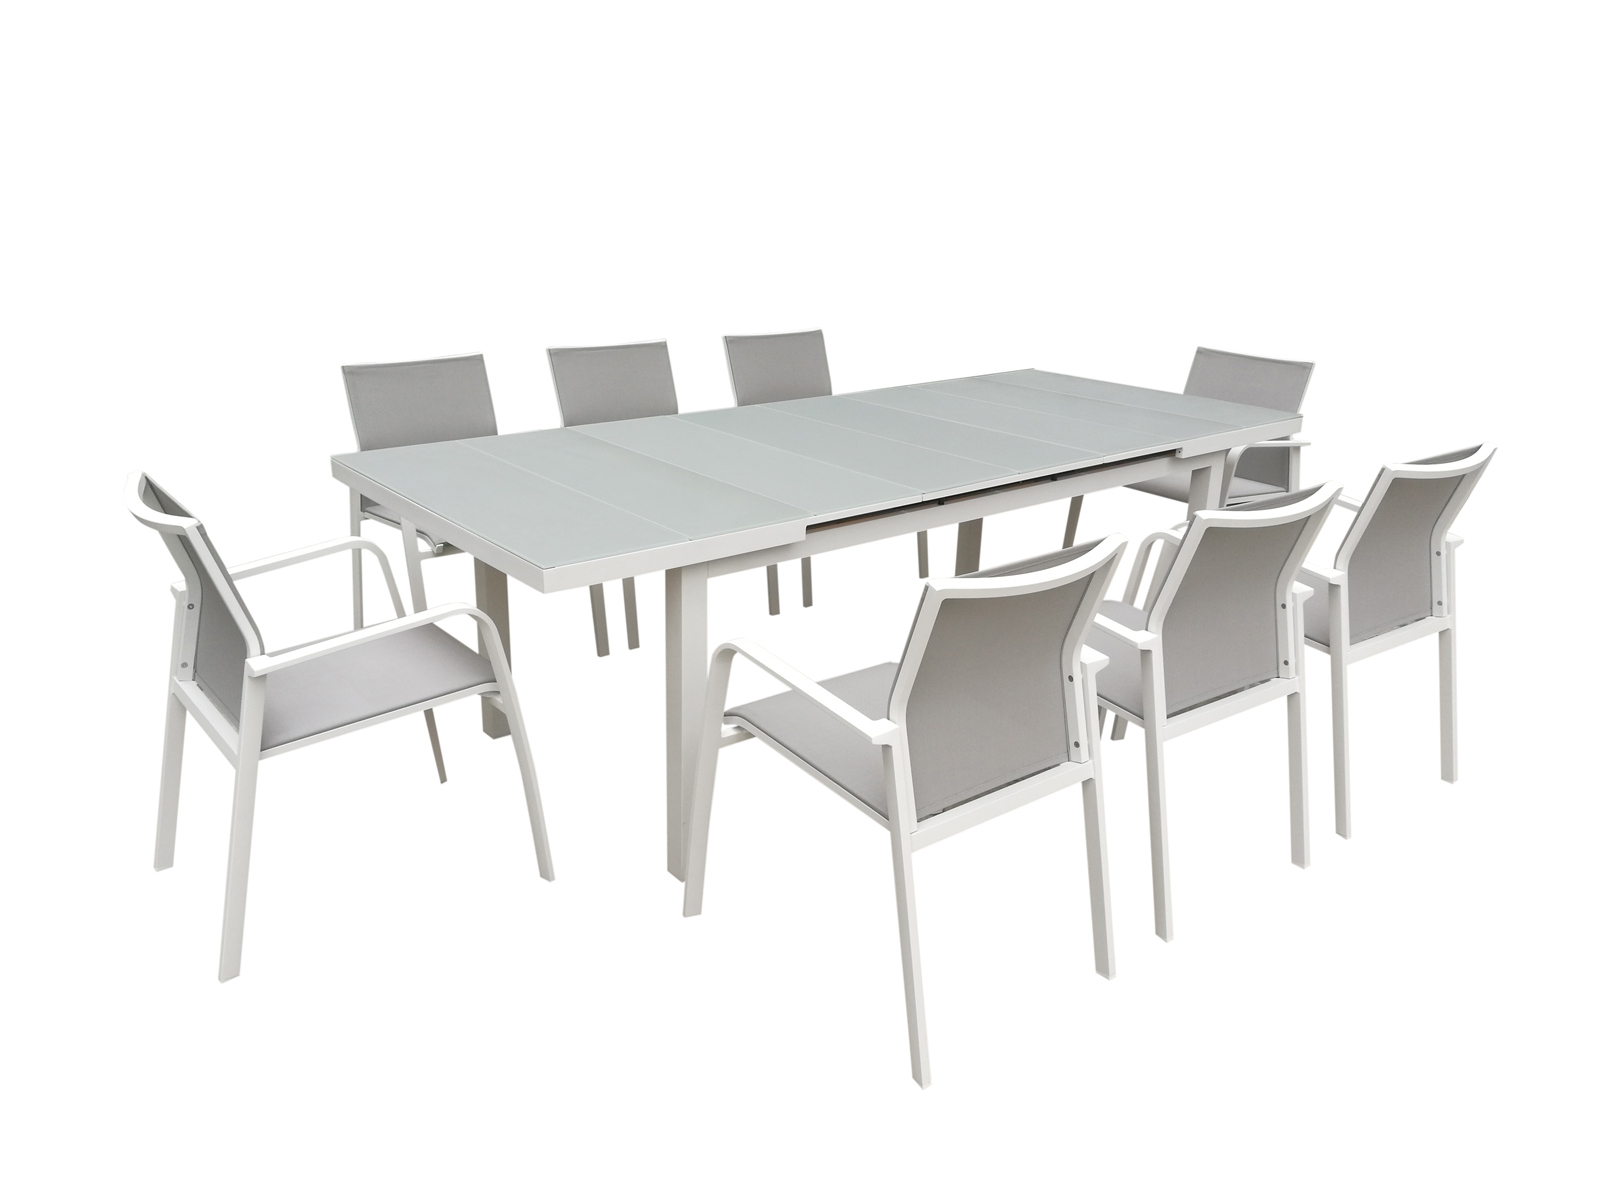 Table De Jardin Extensible Nice 180/240Cm En Aluminium Blanc Gris Et  Plateau Verre Blanc Gris serapportantà Table De Jardin En Aluminium